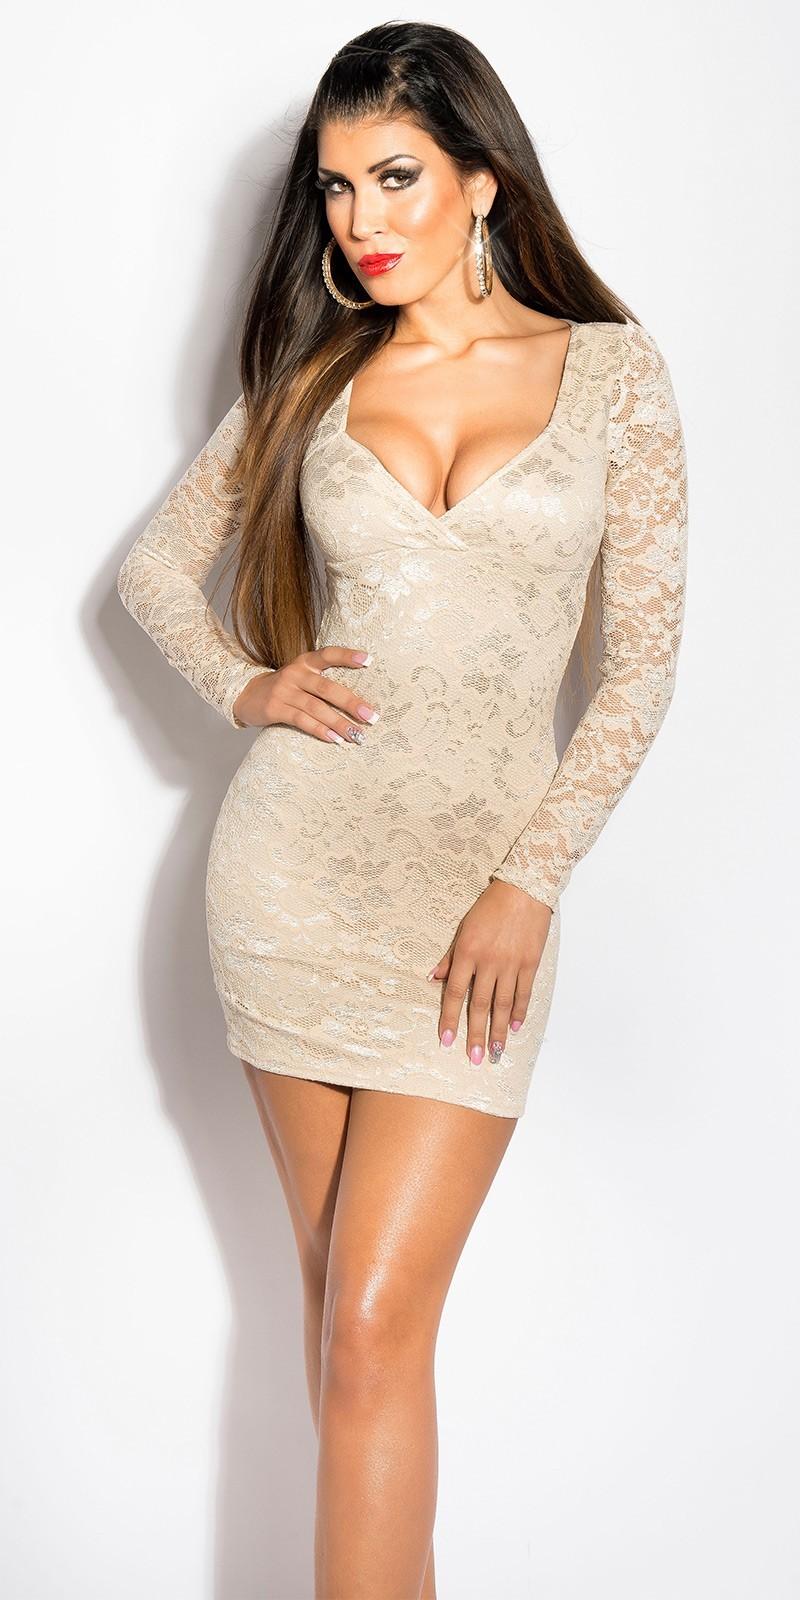 Koucla Dámske čipkované šaty s dlhým rukávom - Glami.sk 1562b560fe1